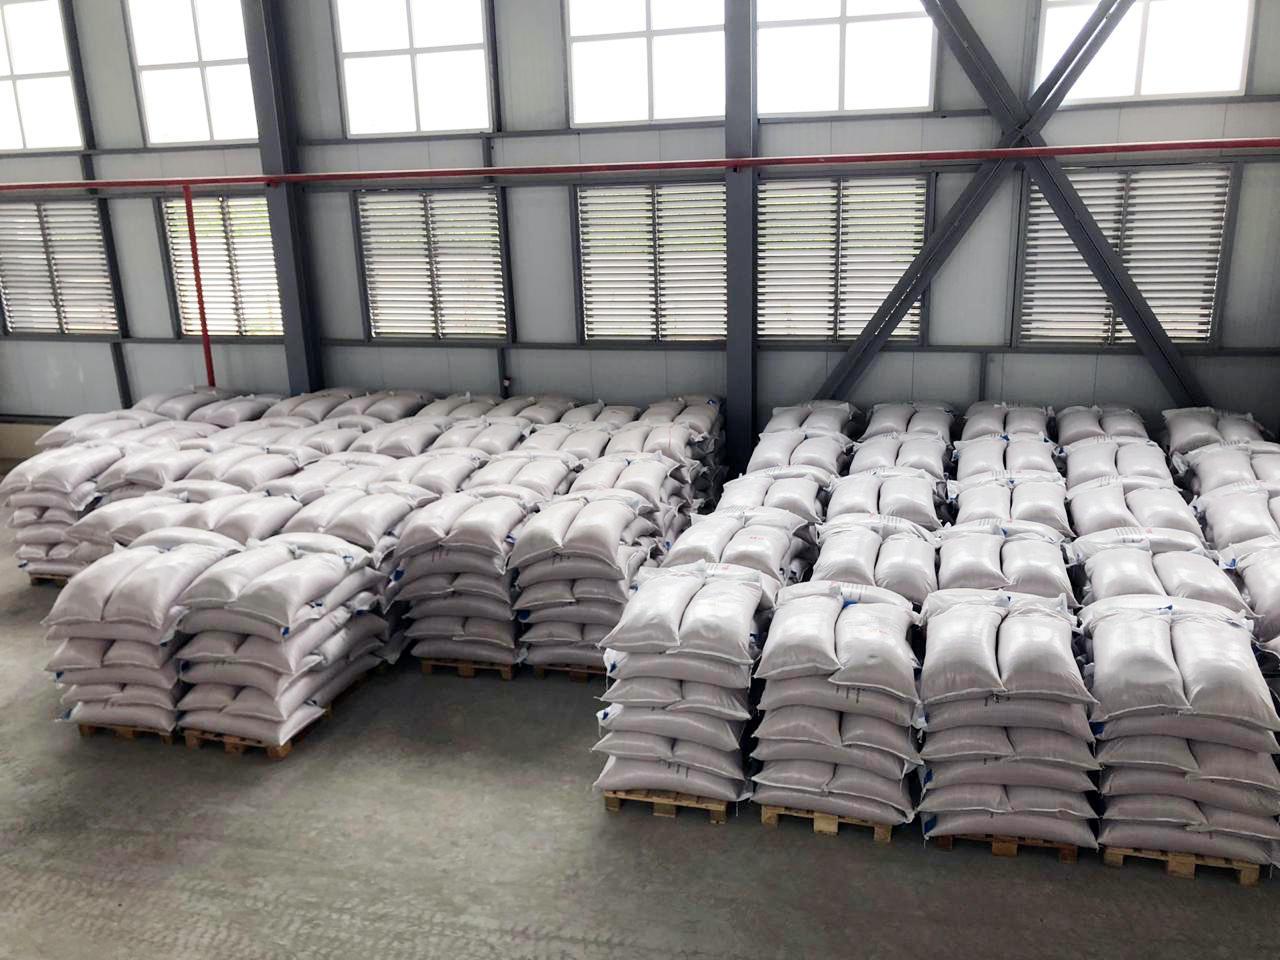 Dövlət Toxum Fondunun zavodlarında 1000 ton toxum emal olunub (FOTO)